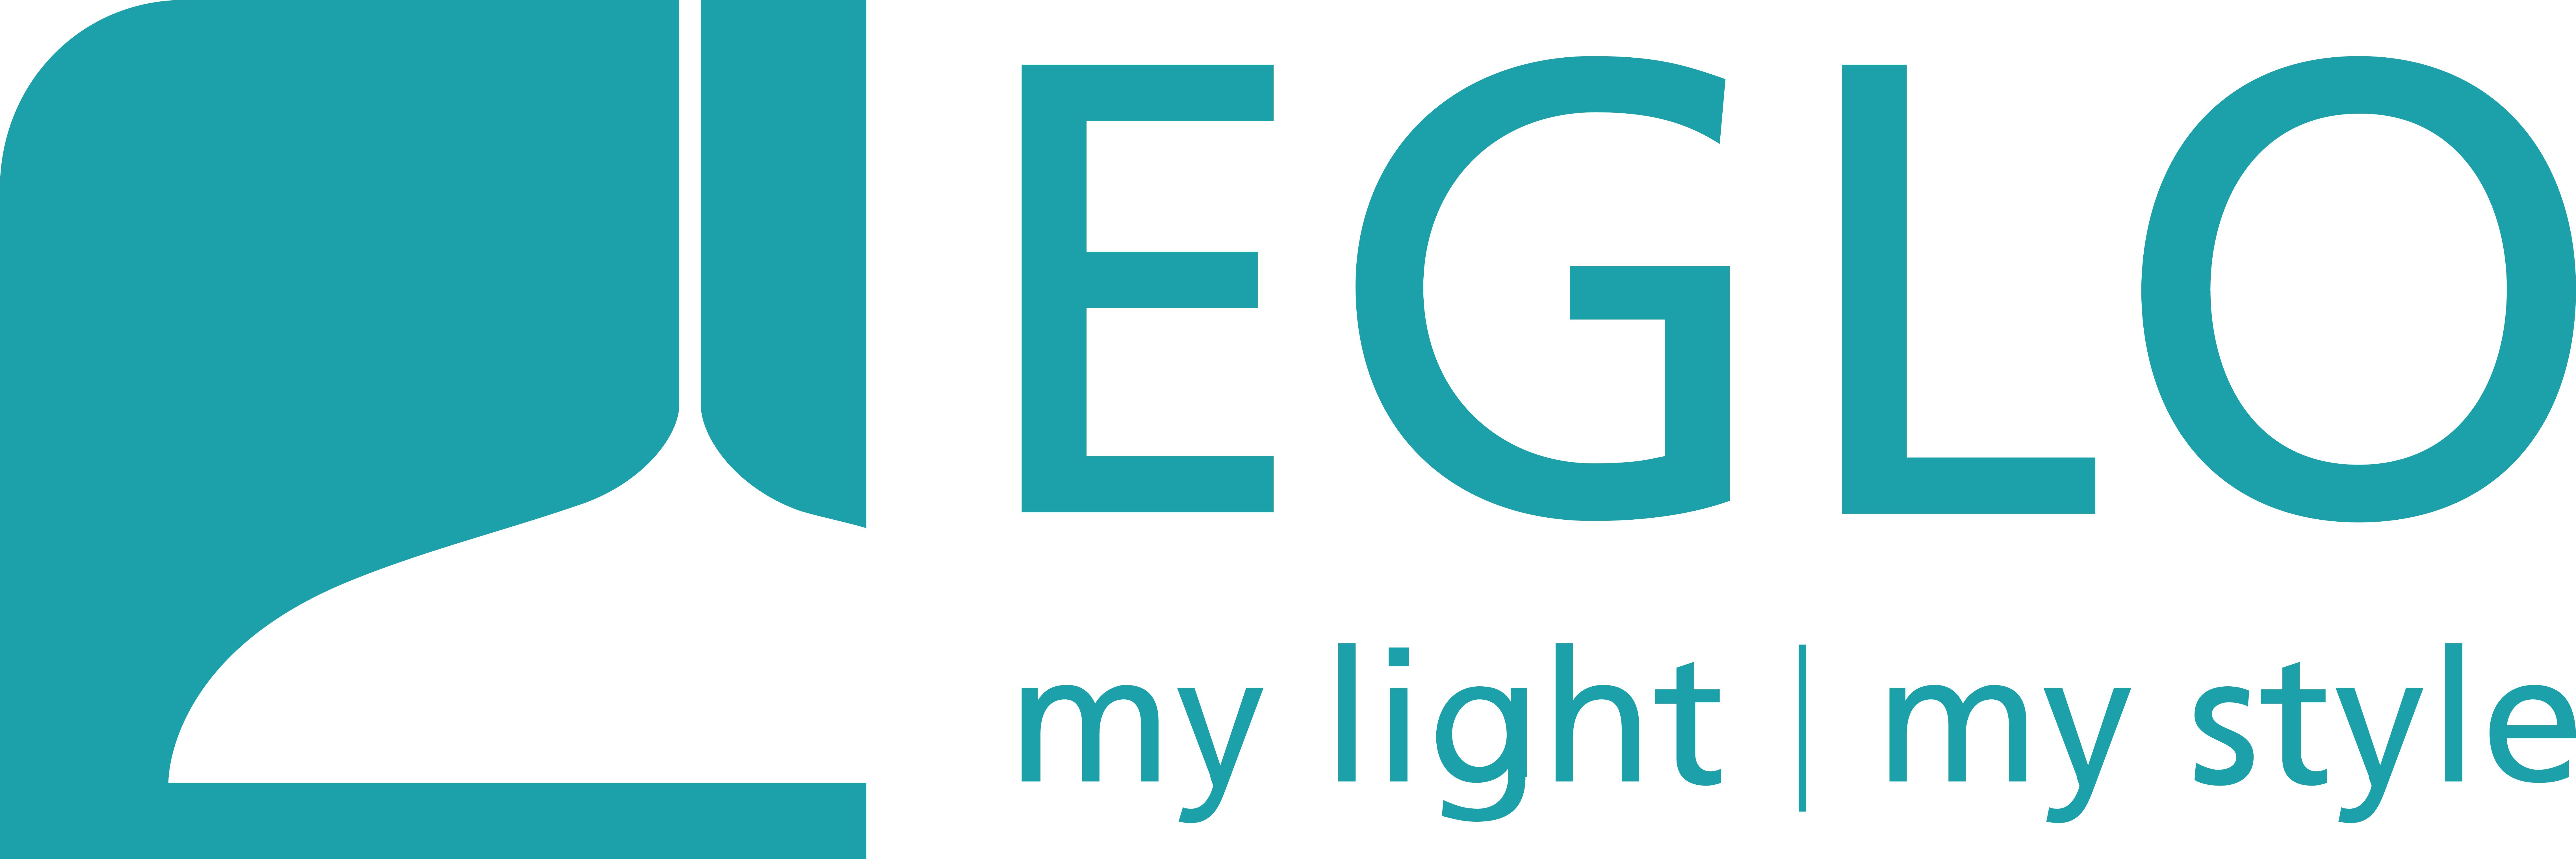 Eglo logo ab2e9033 f97d 4f07 9d8e 0750269569d5